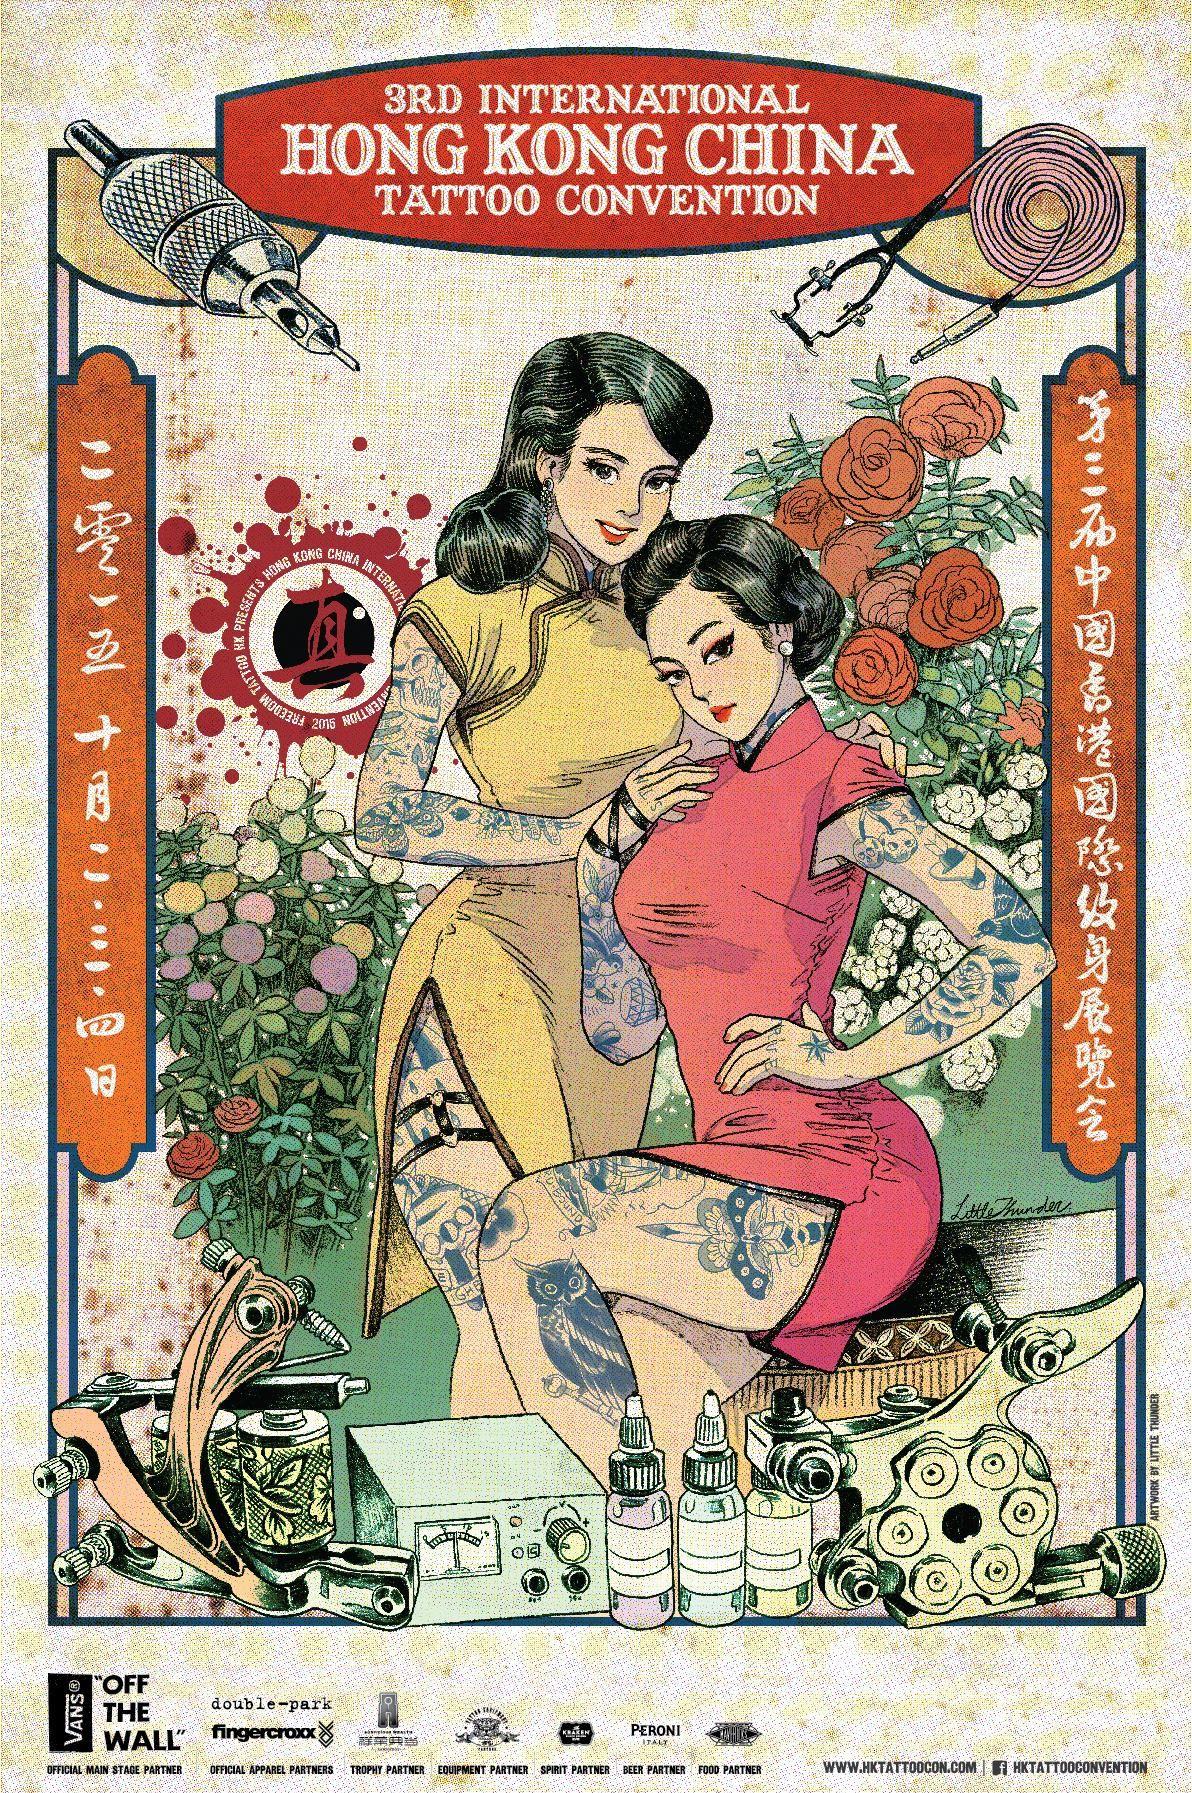 Poster design hong kong - Stunning New Poster Artwork From The Brilliant Hong Kong Artist And Illustrator Little Thunder